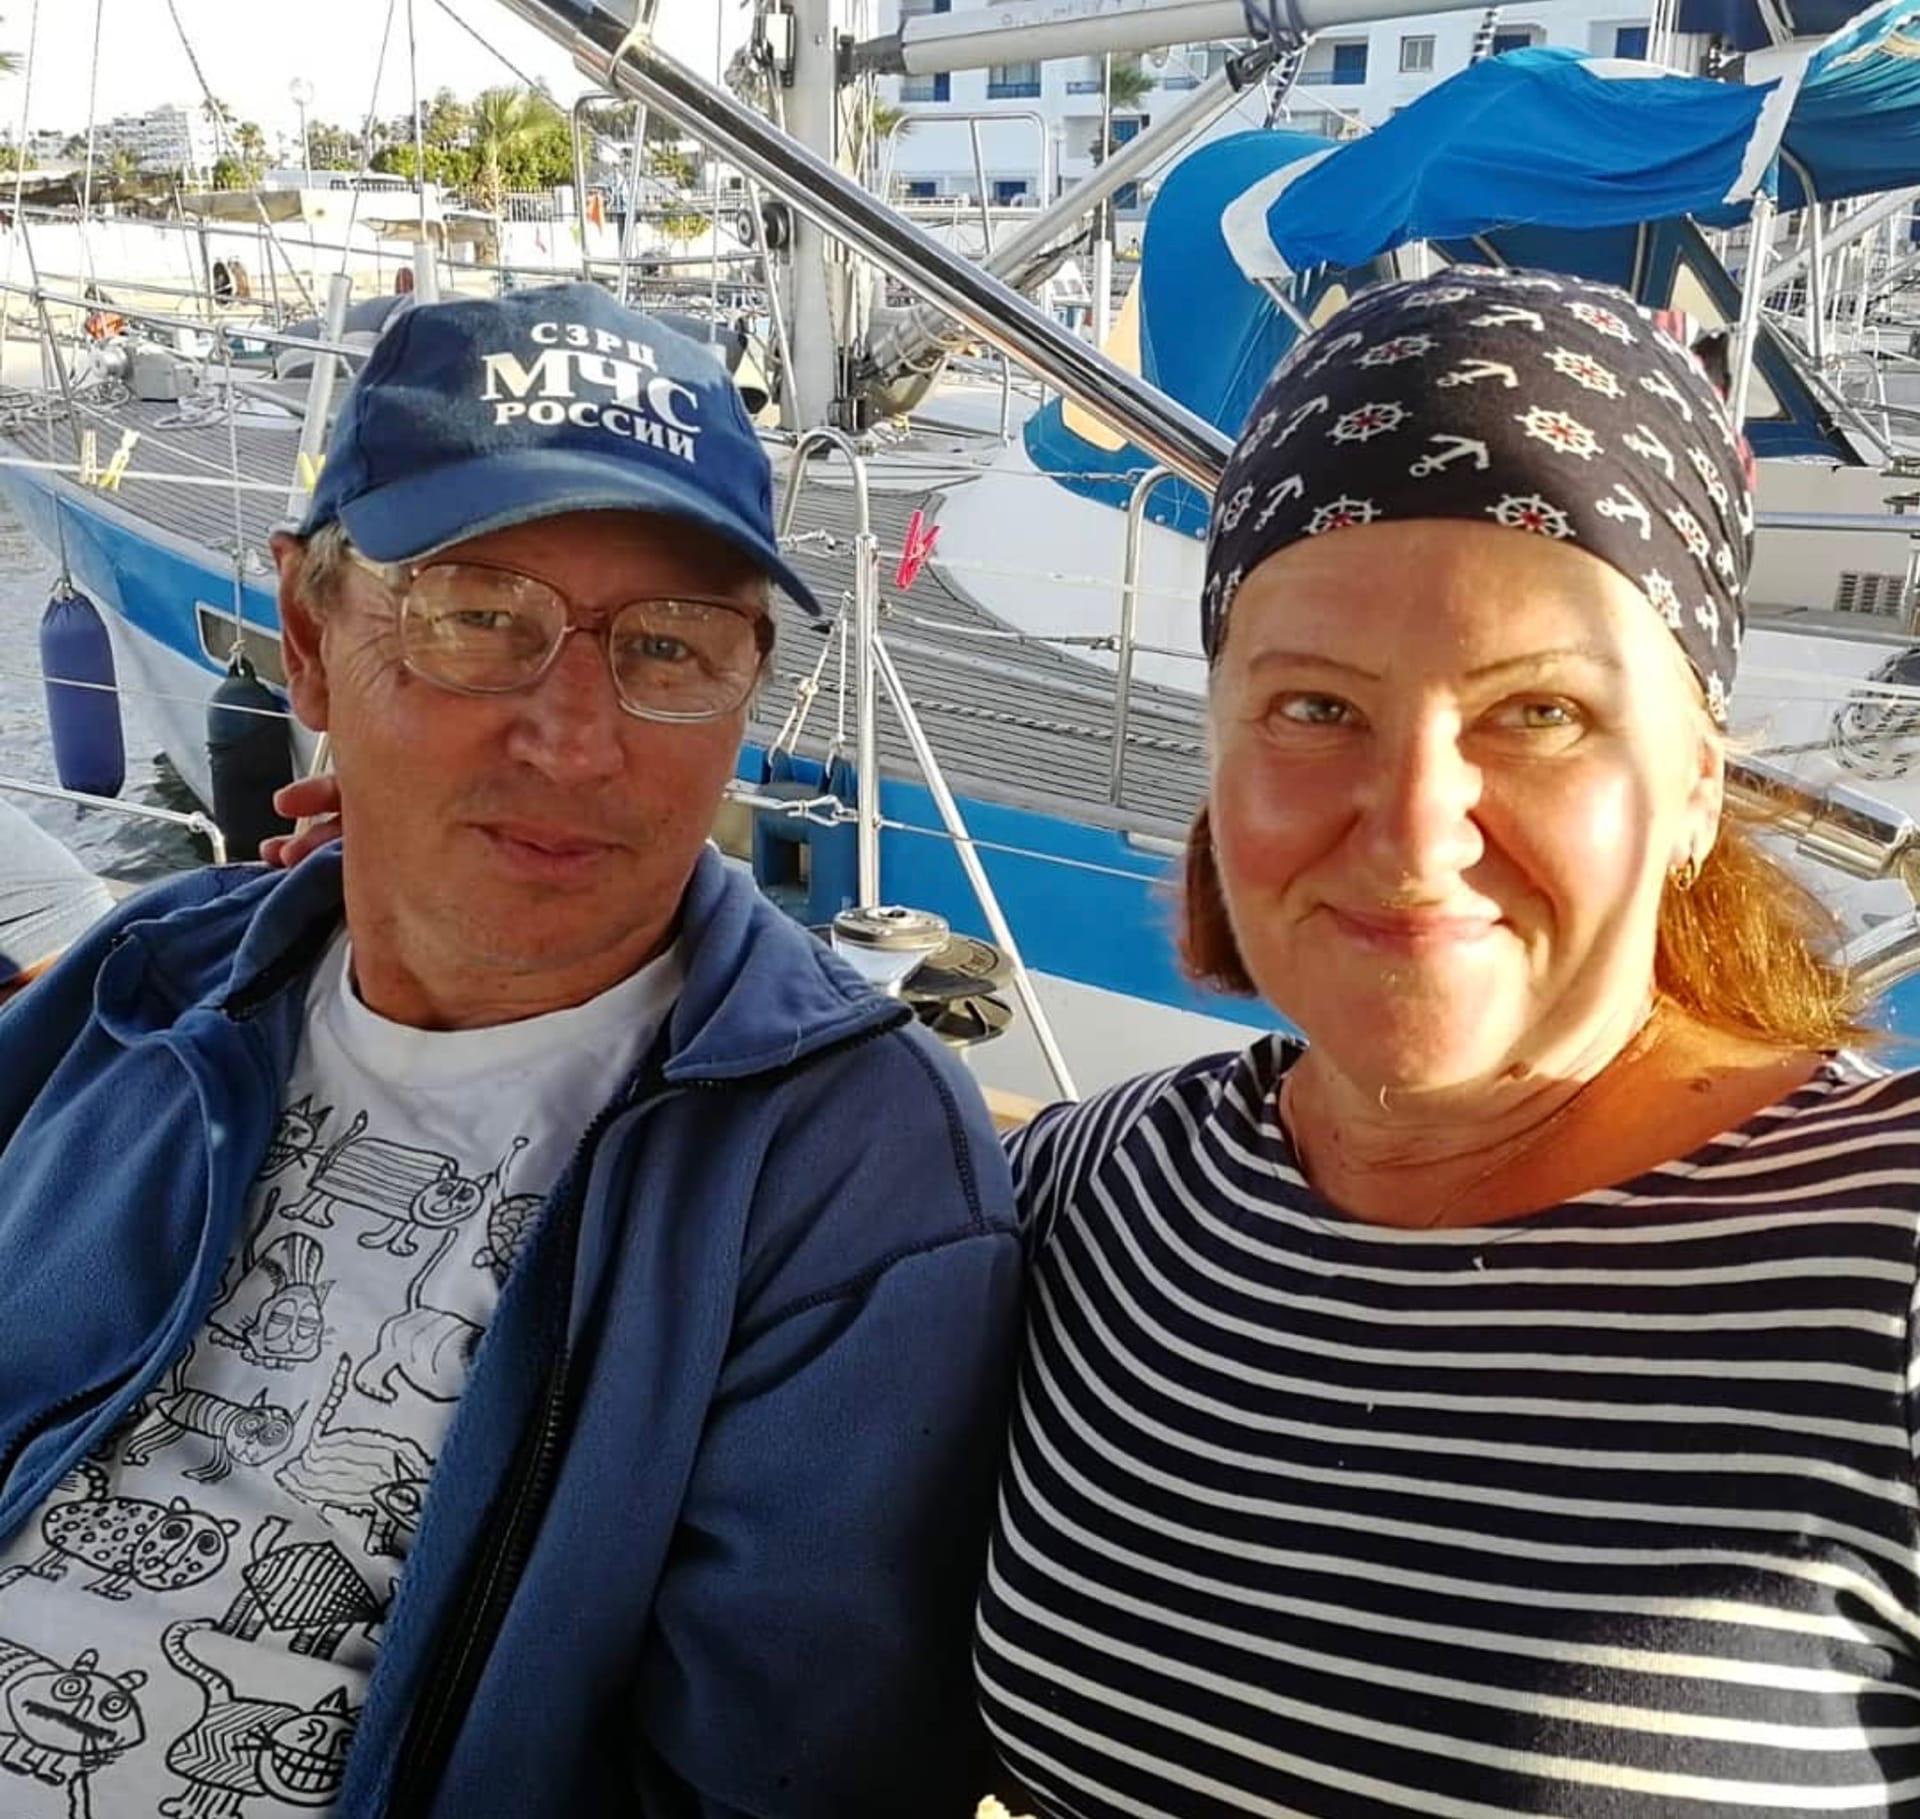 Олег Гирсон и Елена Соколова — семейная пара. Вместе путешествуют, вместе перестали выходить на связь.